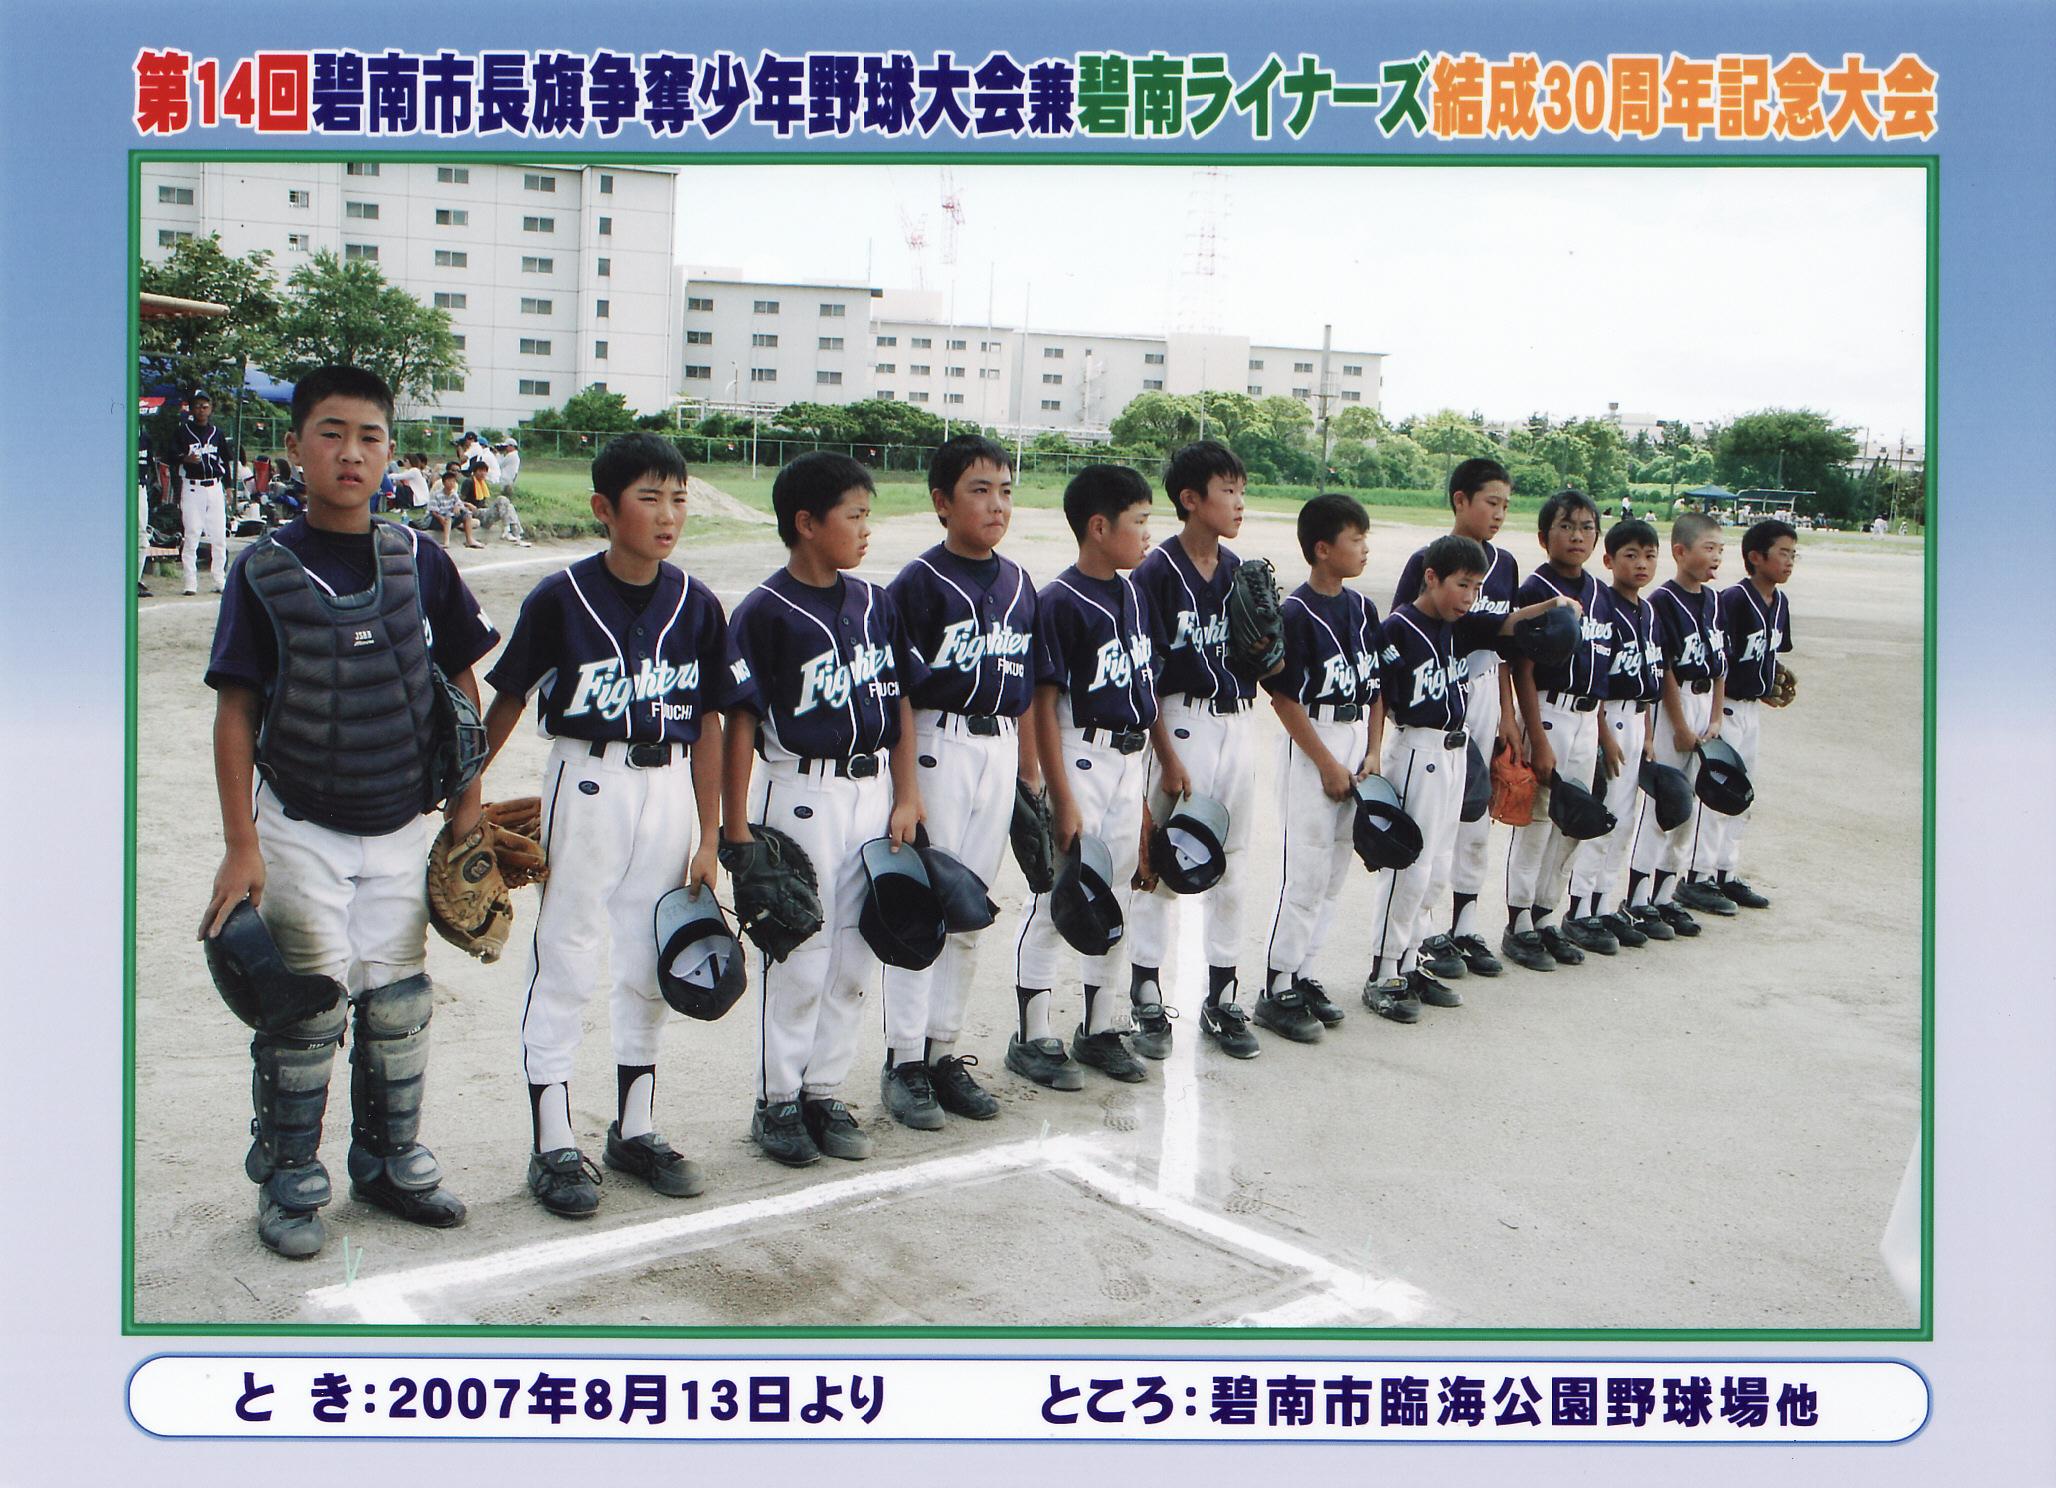 碧南市長期2007年8月_0046